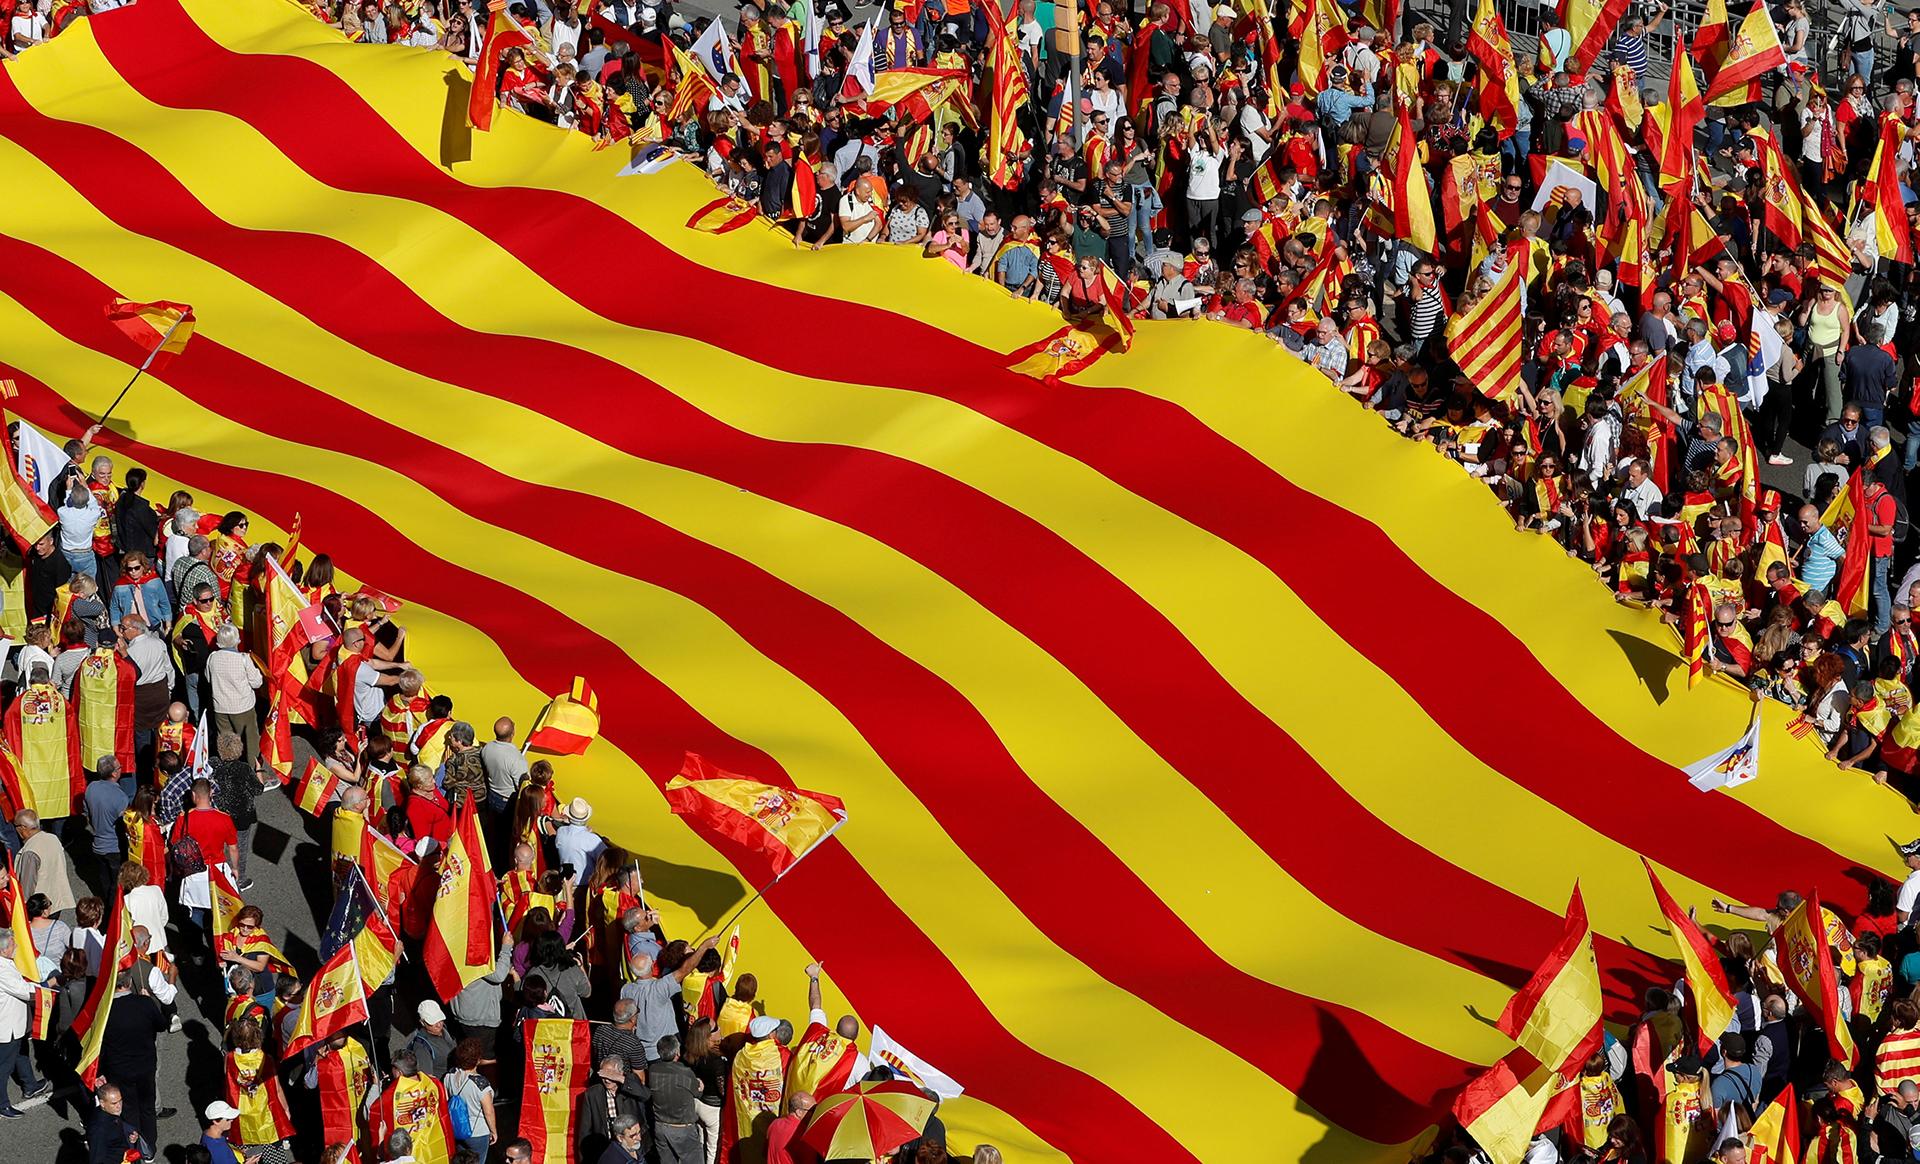 Al final de la manifestación tomaron la palabra el exministro del PP Josep Piqué, el exministro socialista y expresidente del Parlamento Europeo Josep Borrell y exlíder del Partido Comunista Español Paco Frutos